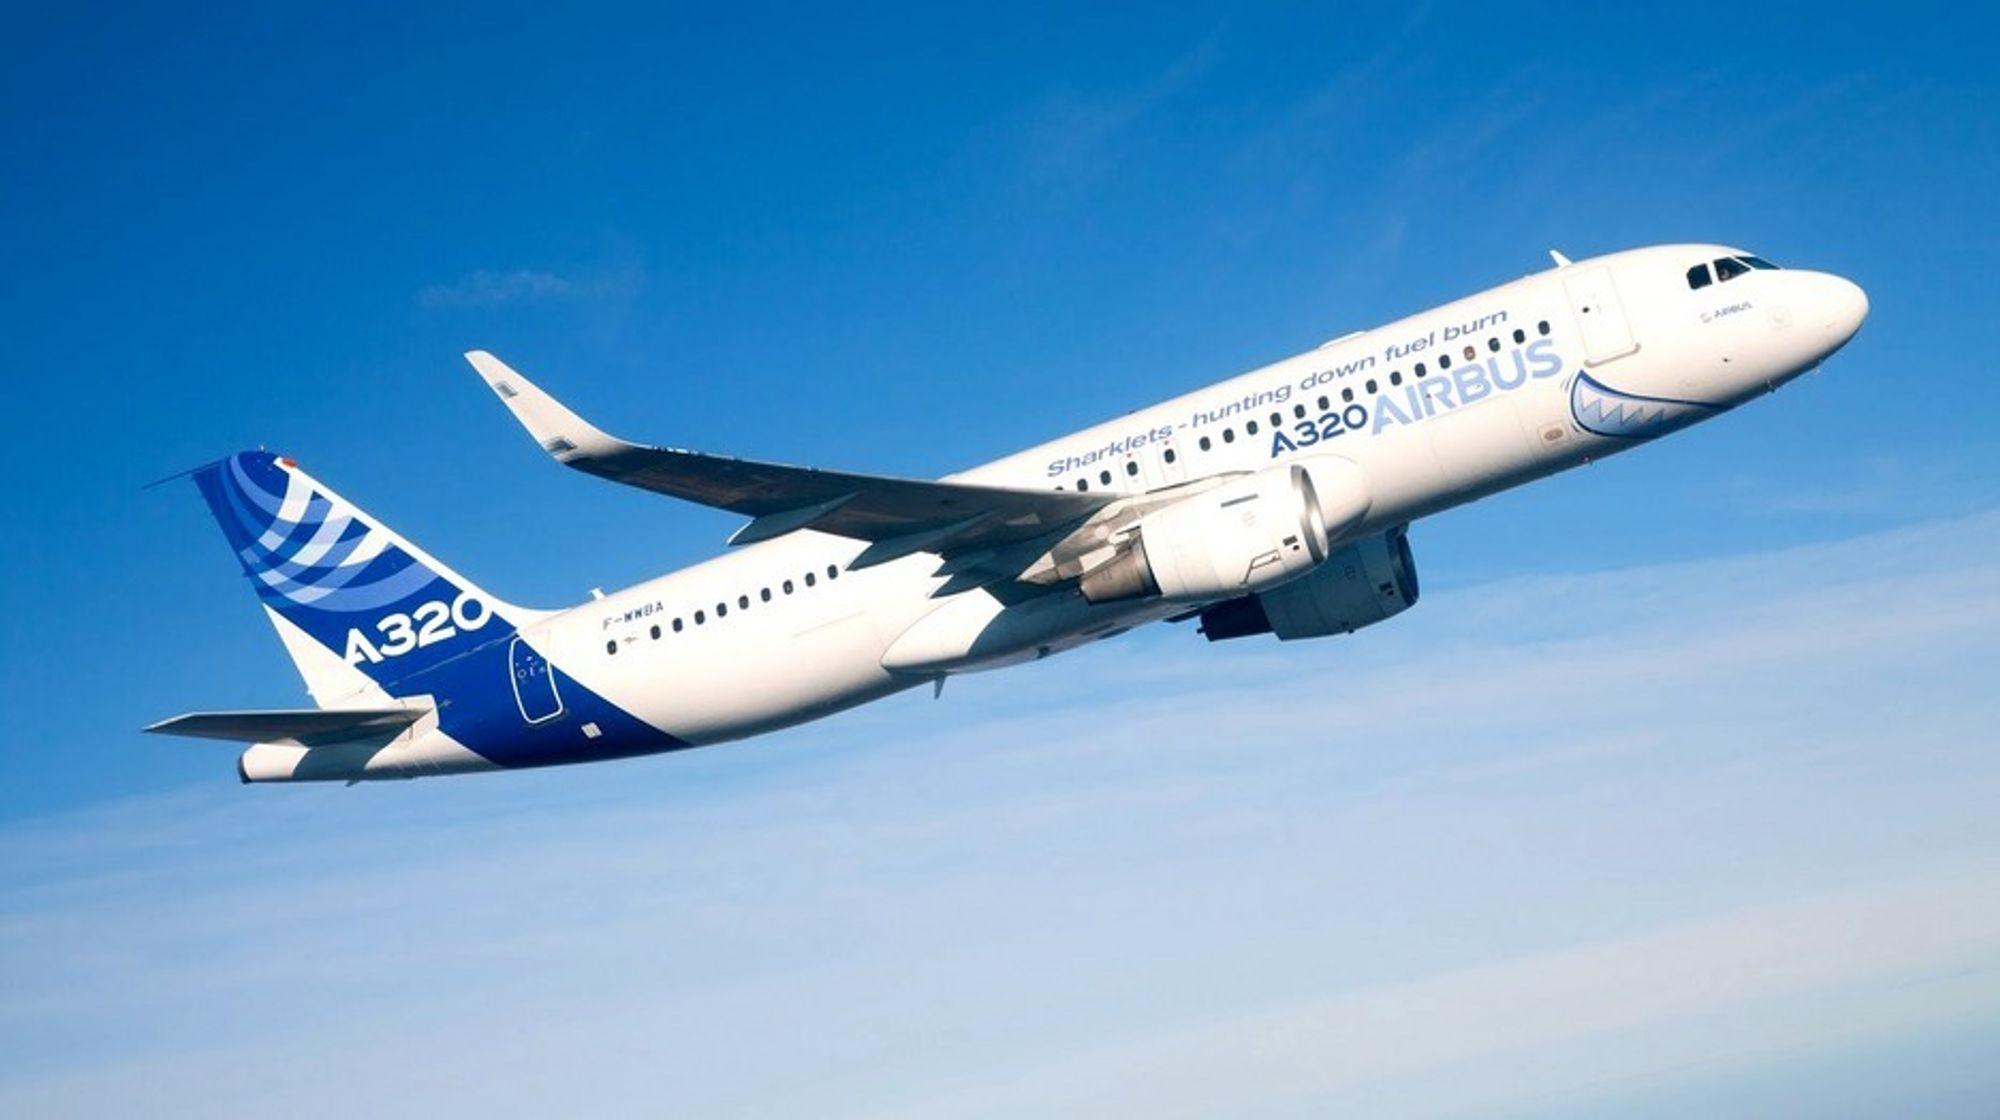 Airbus A320 rakk så vidt å fly med sharklets før 2011 var over.